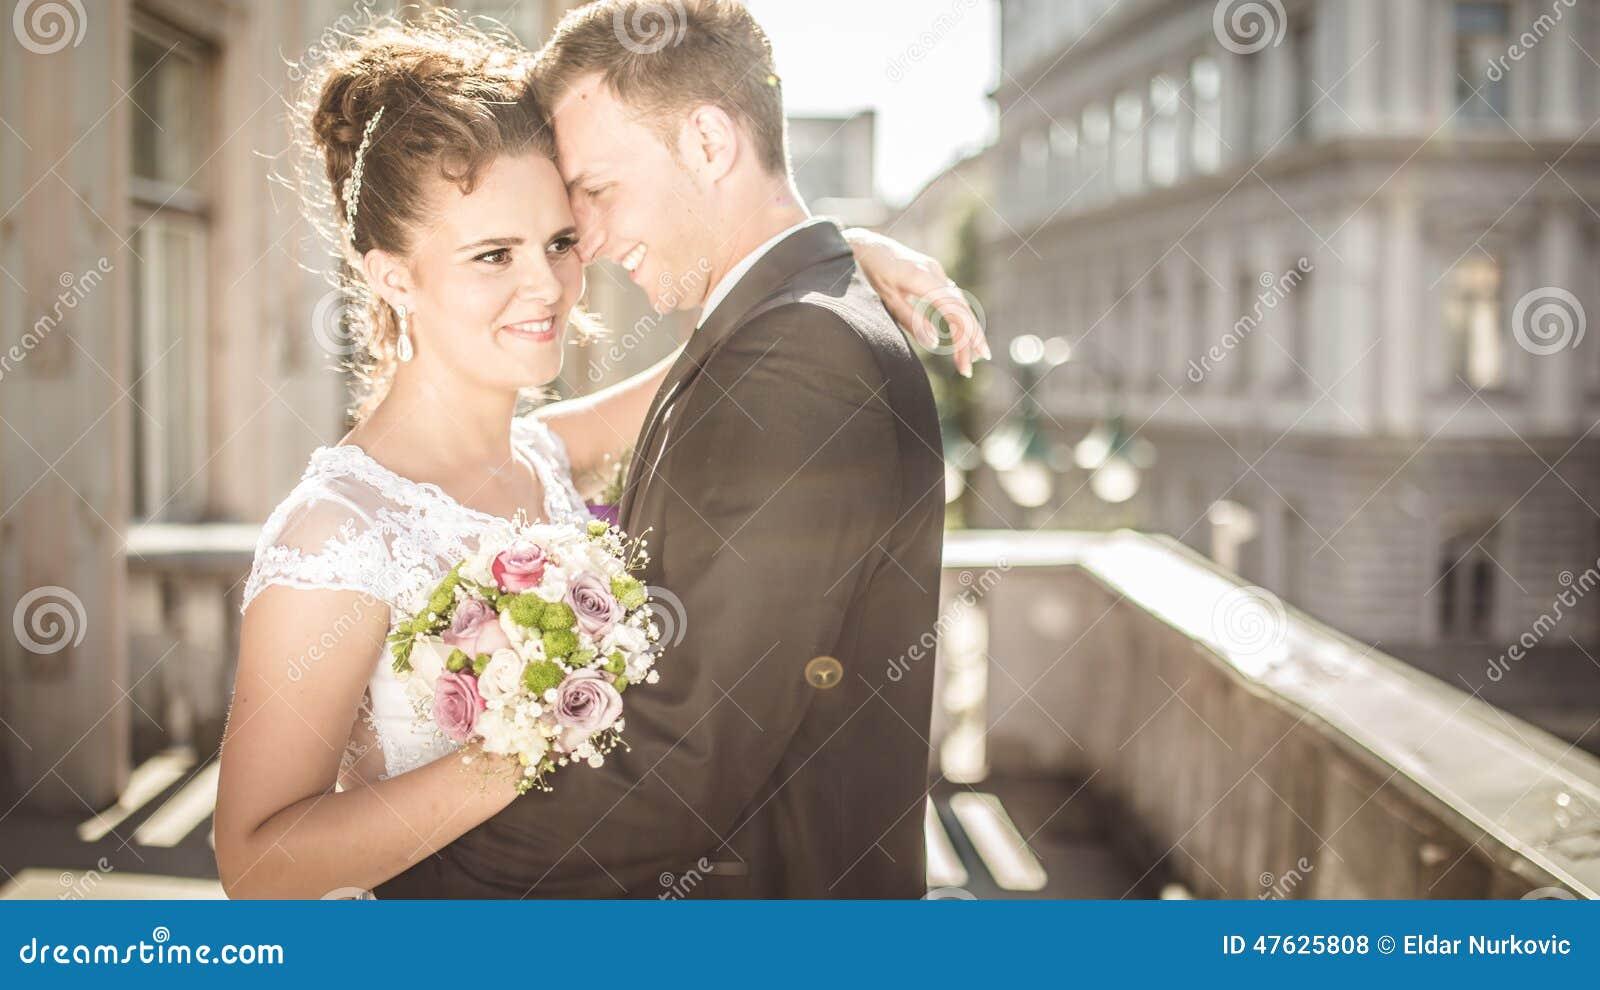 rencontres site couples mariés Téléchargement gratuit de logiciel de matchmaking Kundli